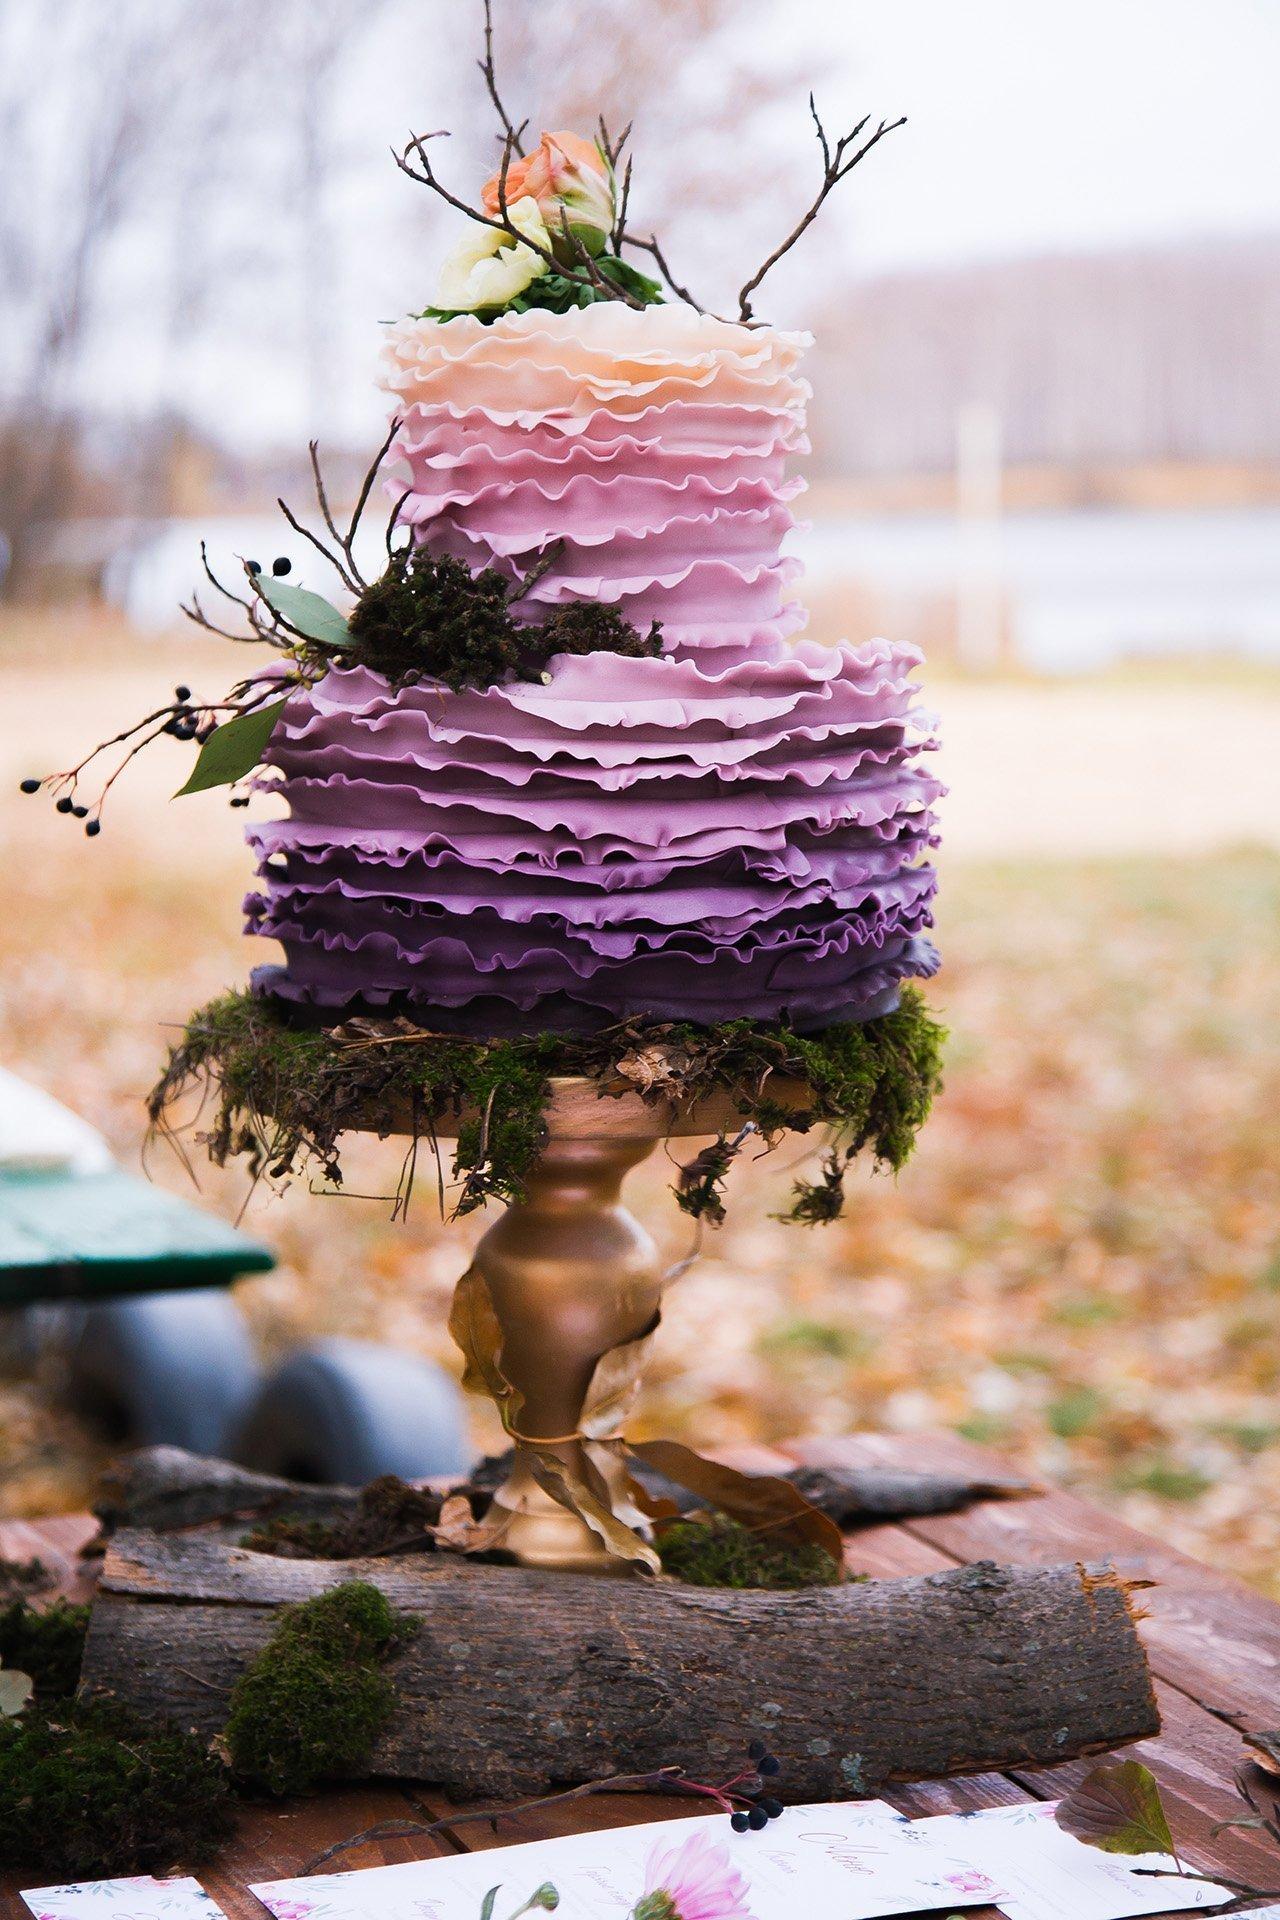 Zajímavý patrový svatební dort s větvemi